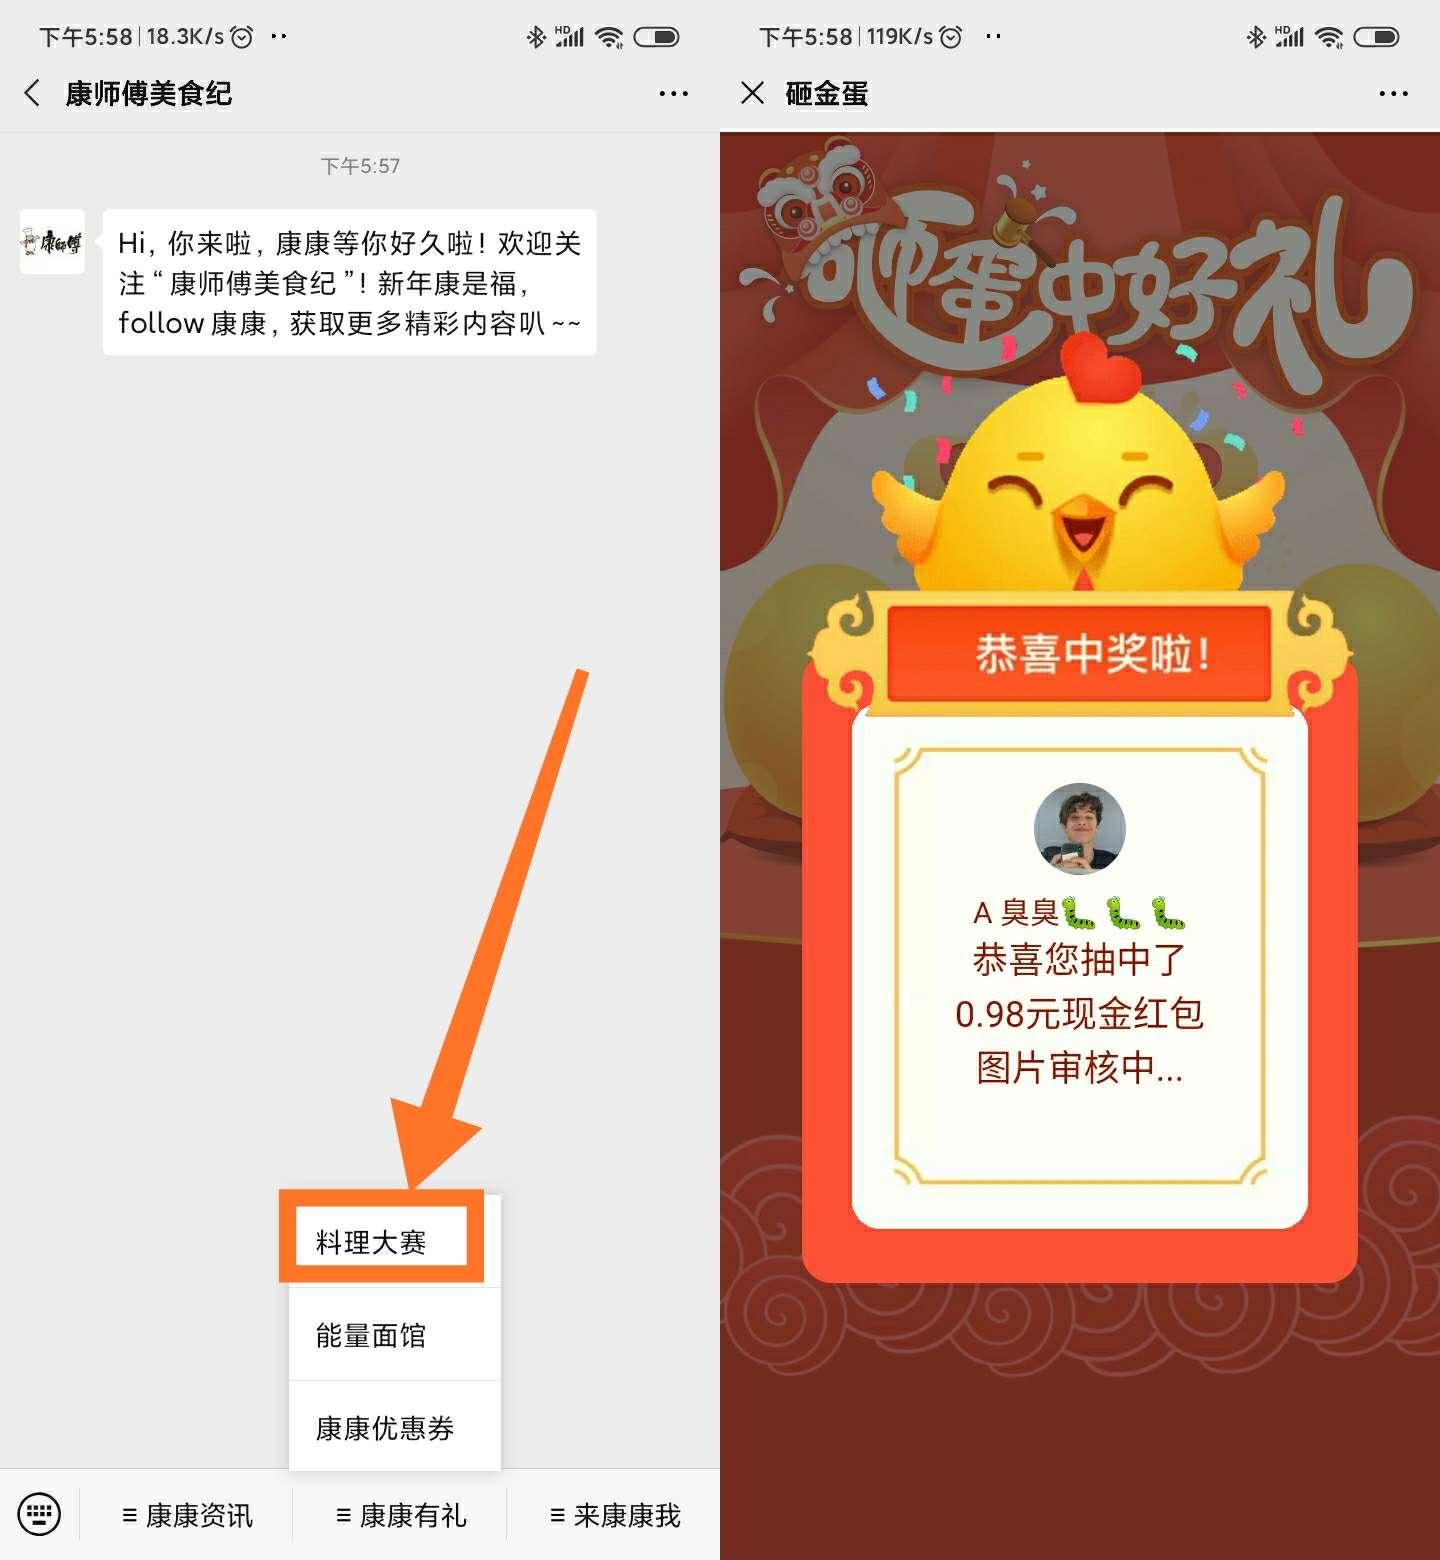 线报-「现金红包」康师傅美食-惠小助(52huixz.com)